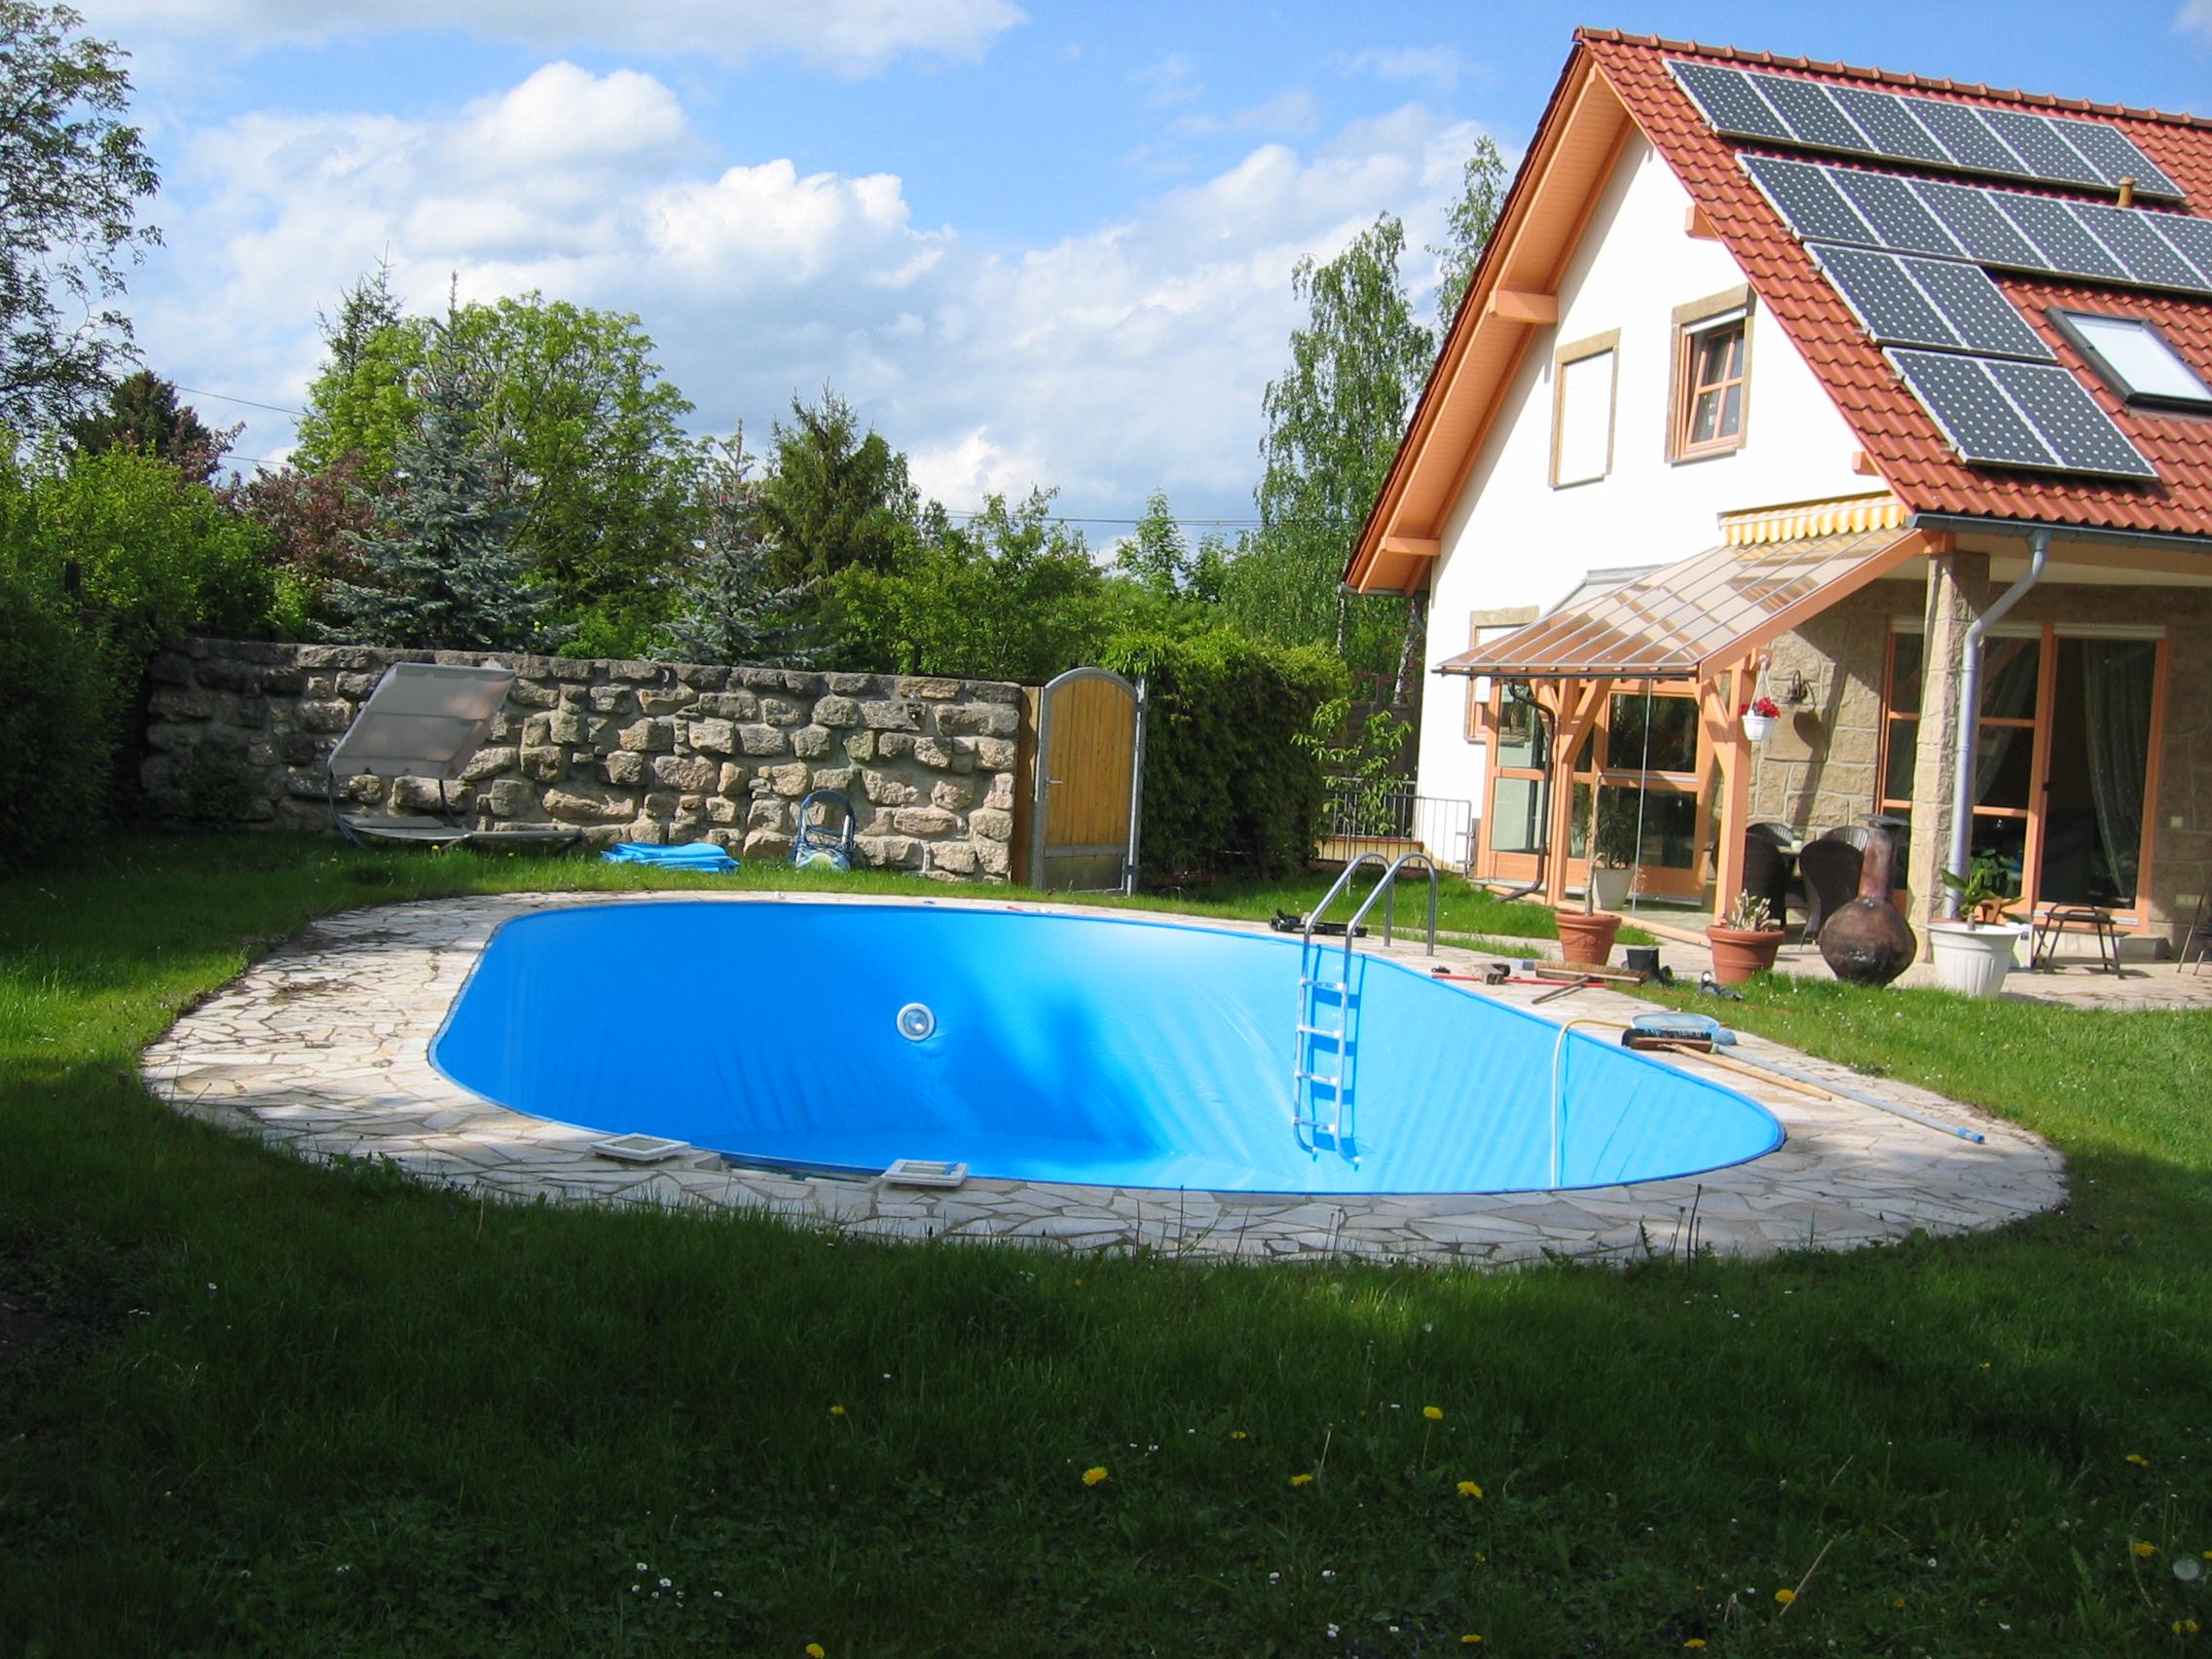 Poolbau Thüringen schwimmbad fachhandel schall gotha verkauf installation